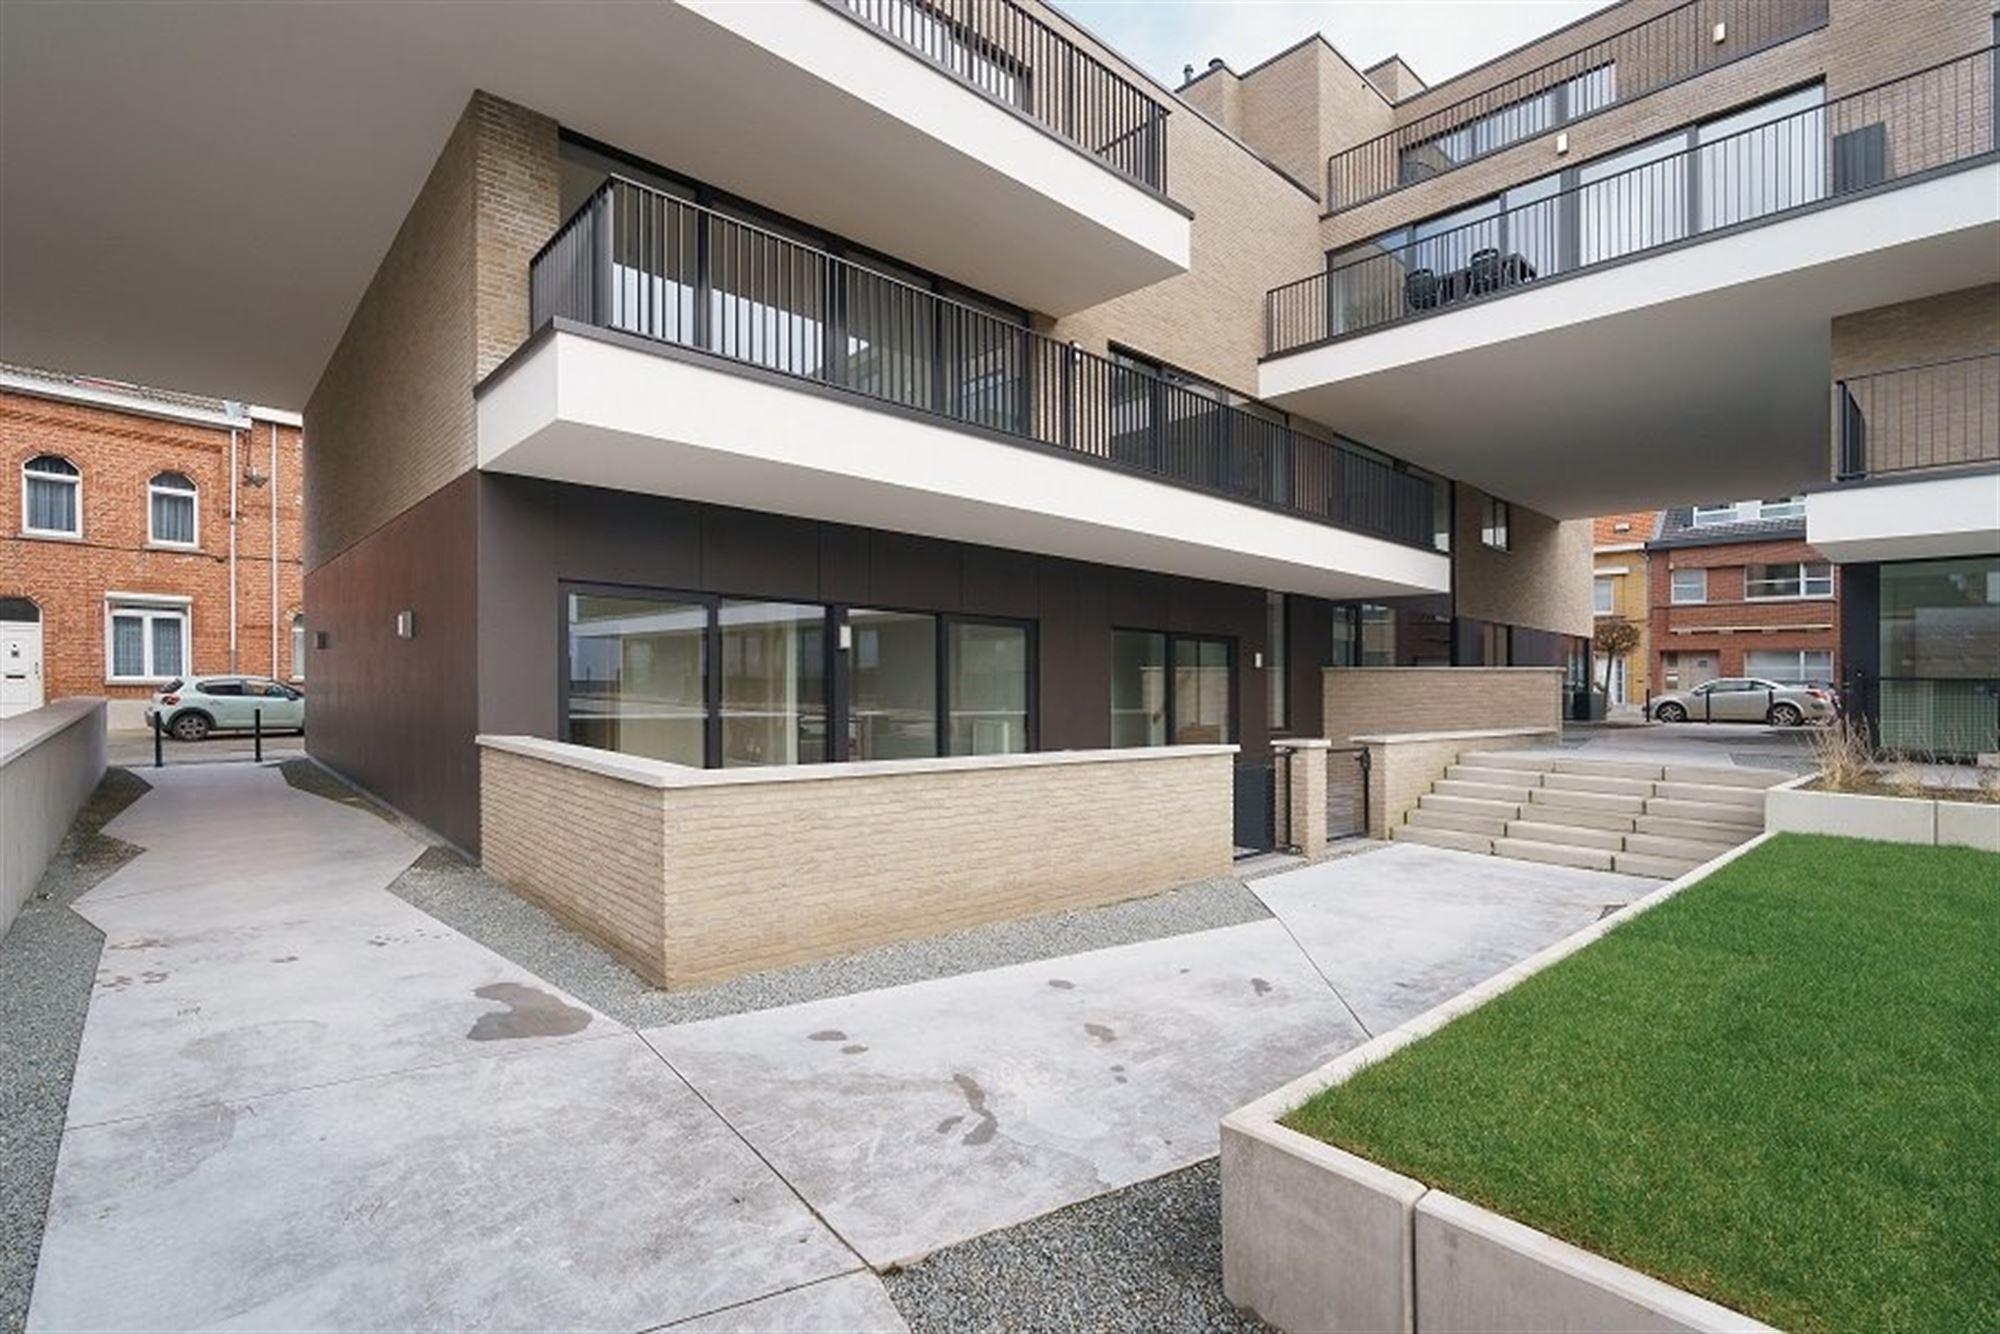 In een hippe, gezinsvriendelijke buurt van Aalst vlakbij de Dender en de stadsring creëert projectontwikkelaar Bostoen een nieuwbouw verkaveling best...